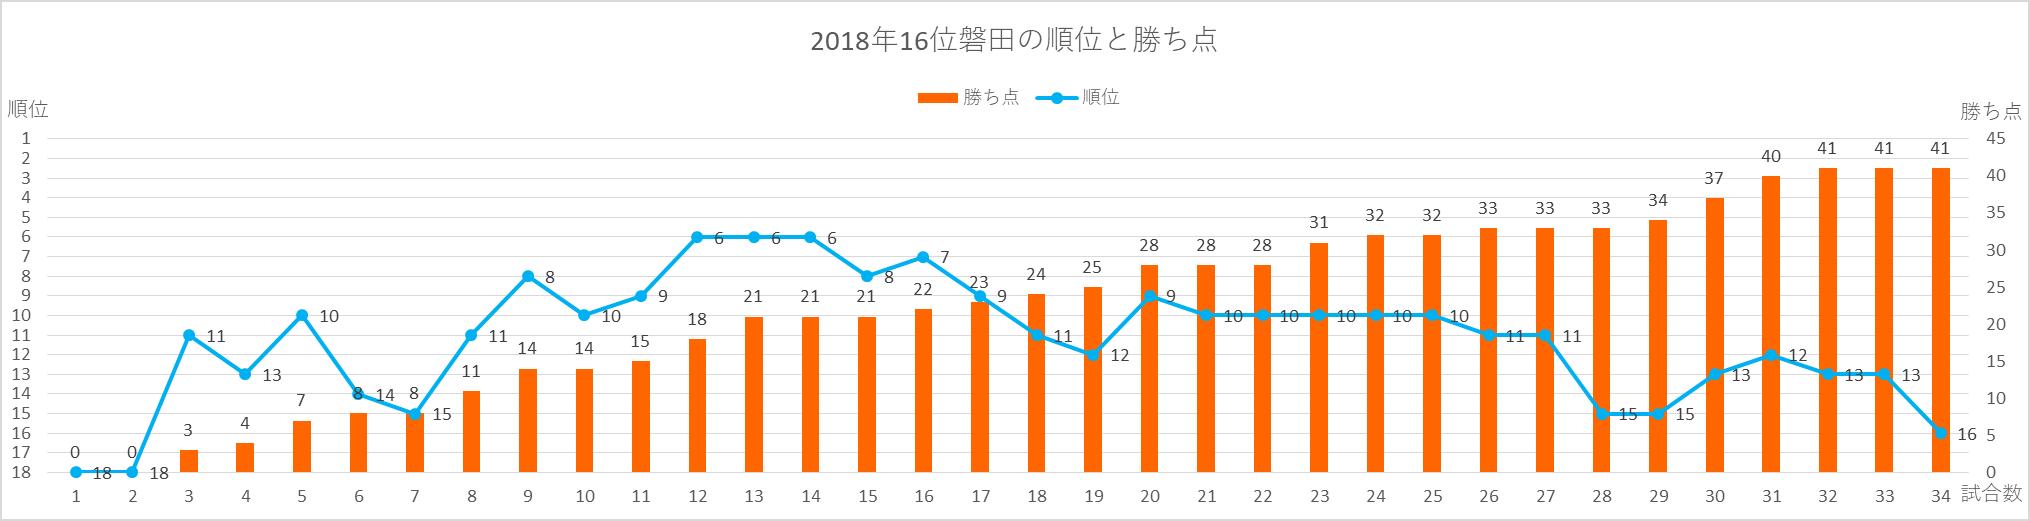 2018年磐田の順位と勝ち点の推移